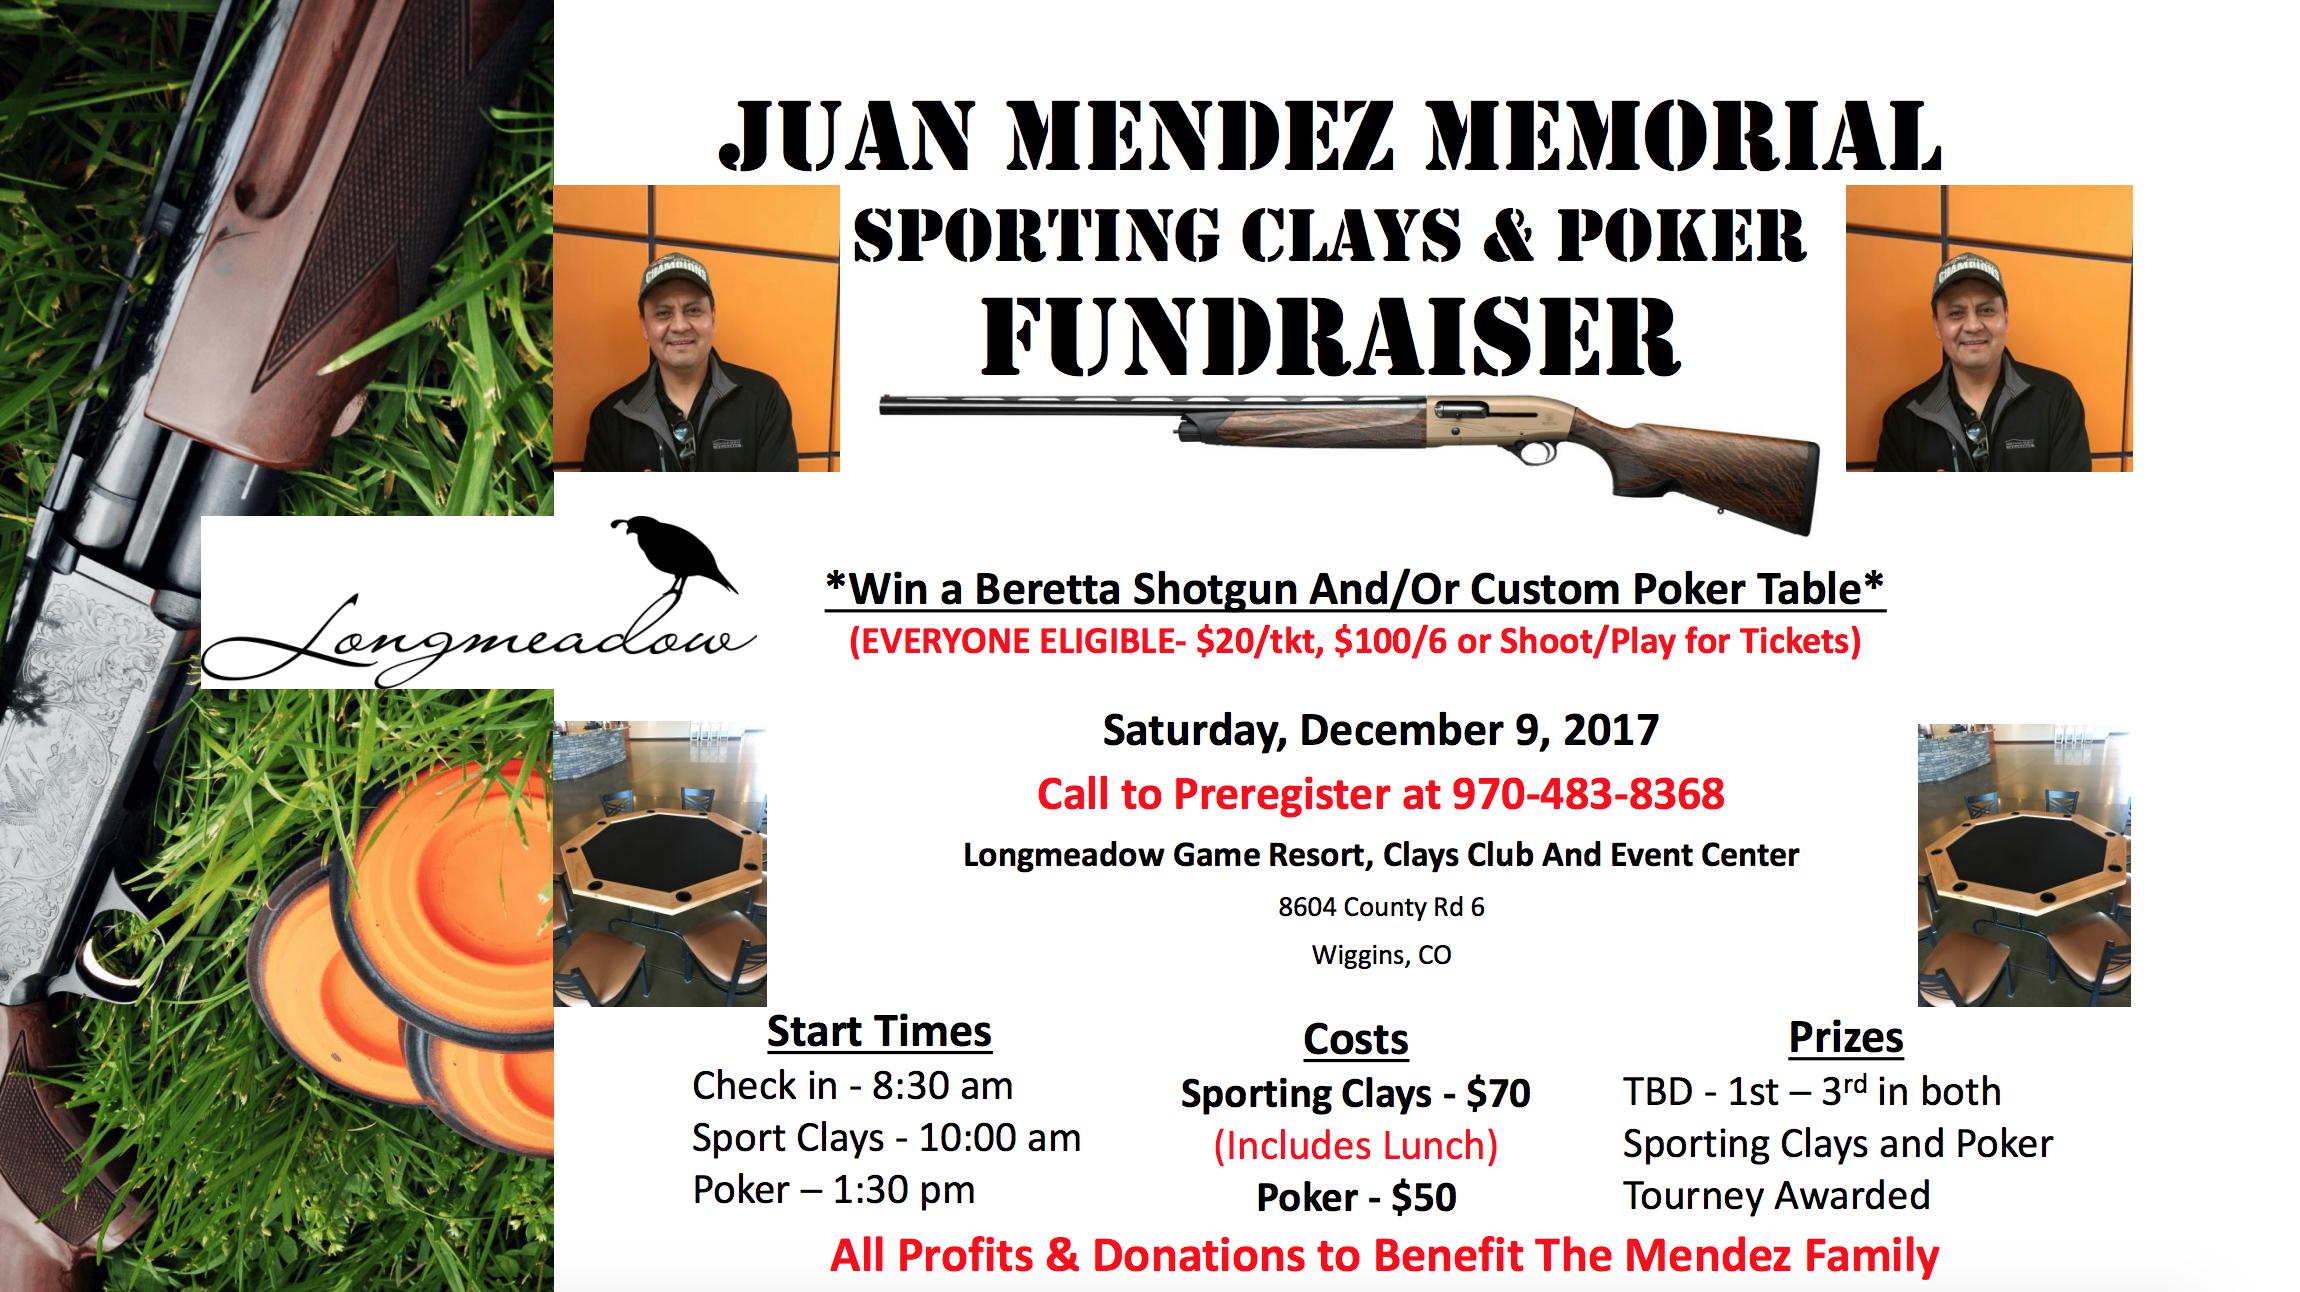 Juan Mendez Memorial Fundraiser Shoot Longmeadow Game Resort And